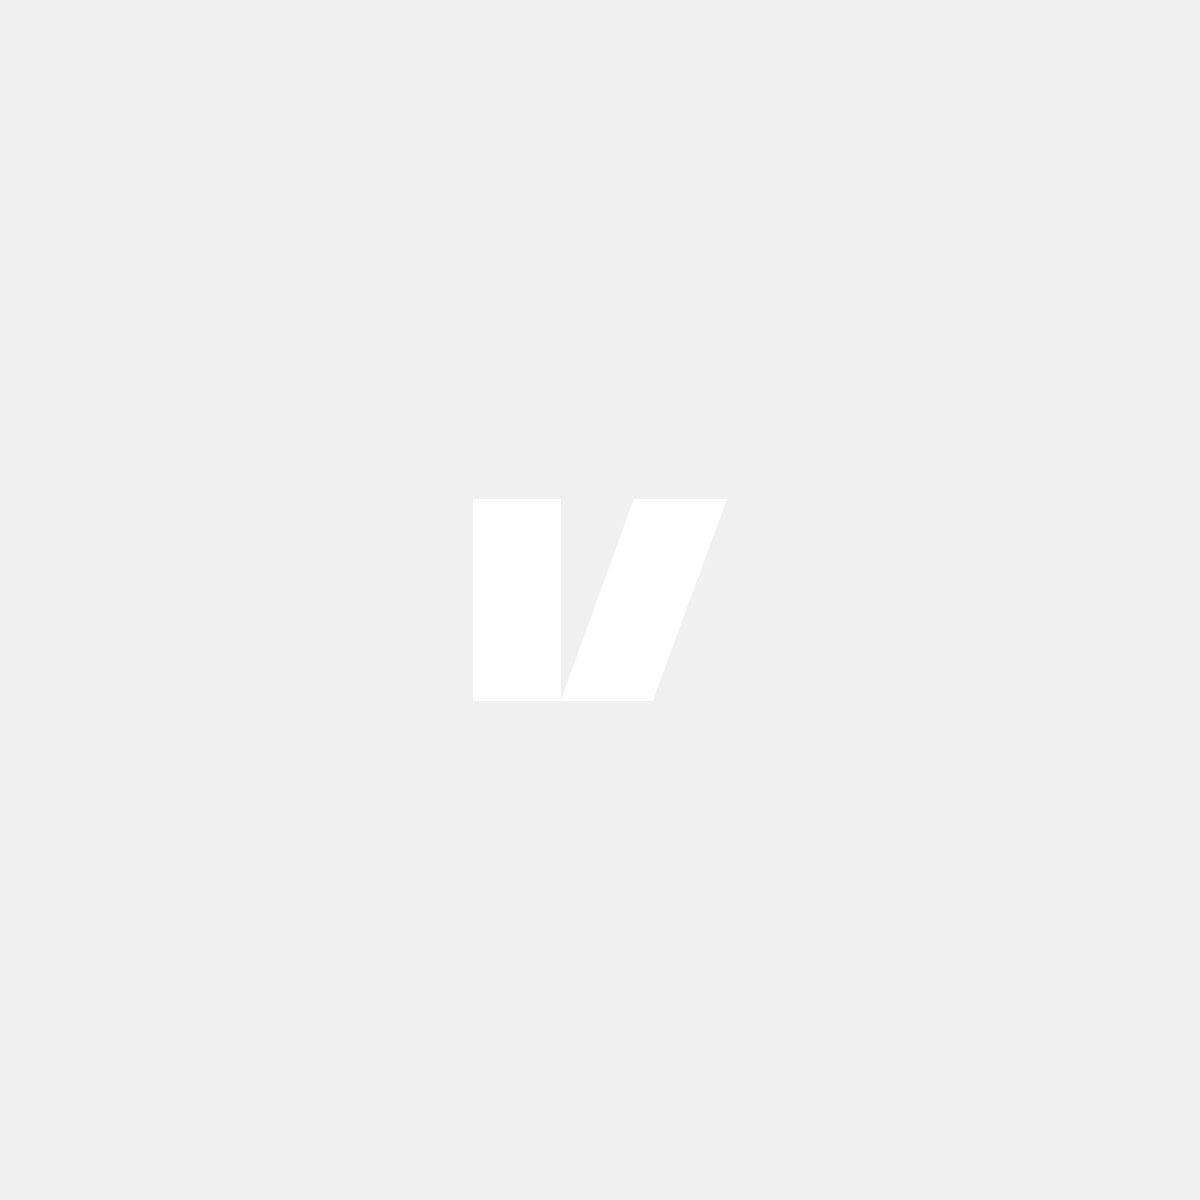 Fjäderbenslagring bak till Volvo V70, XC70, utan nivåreglering